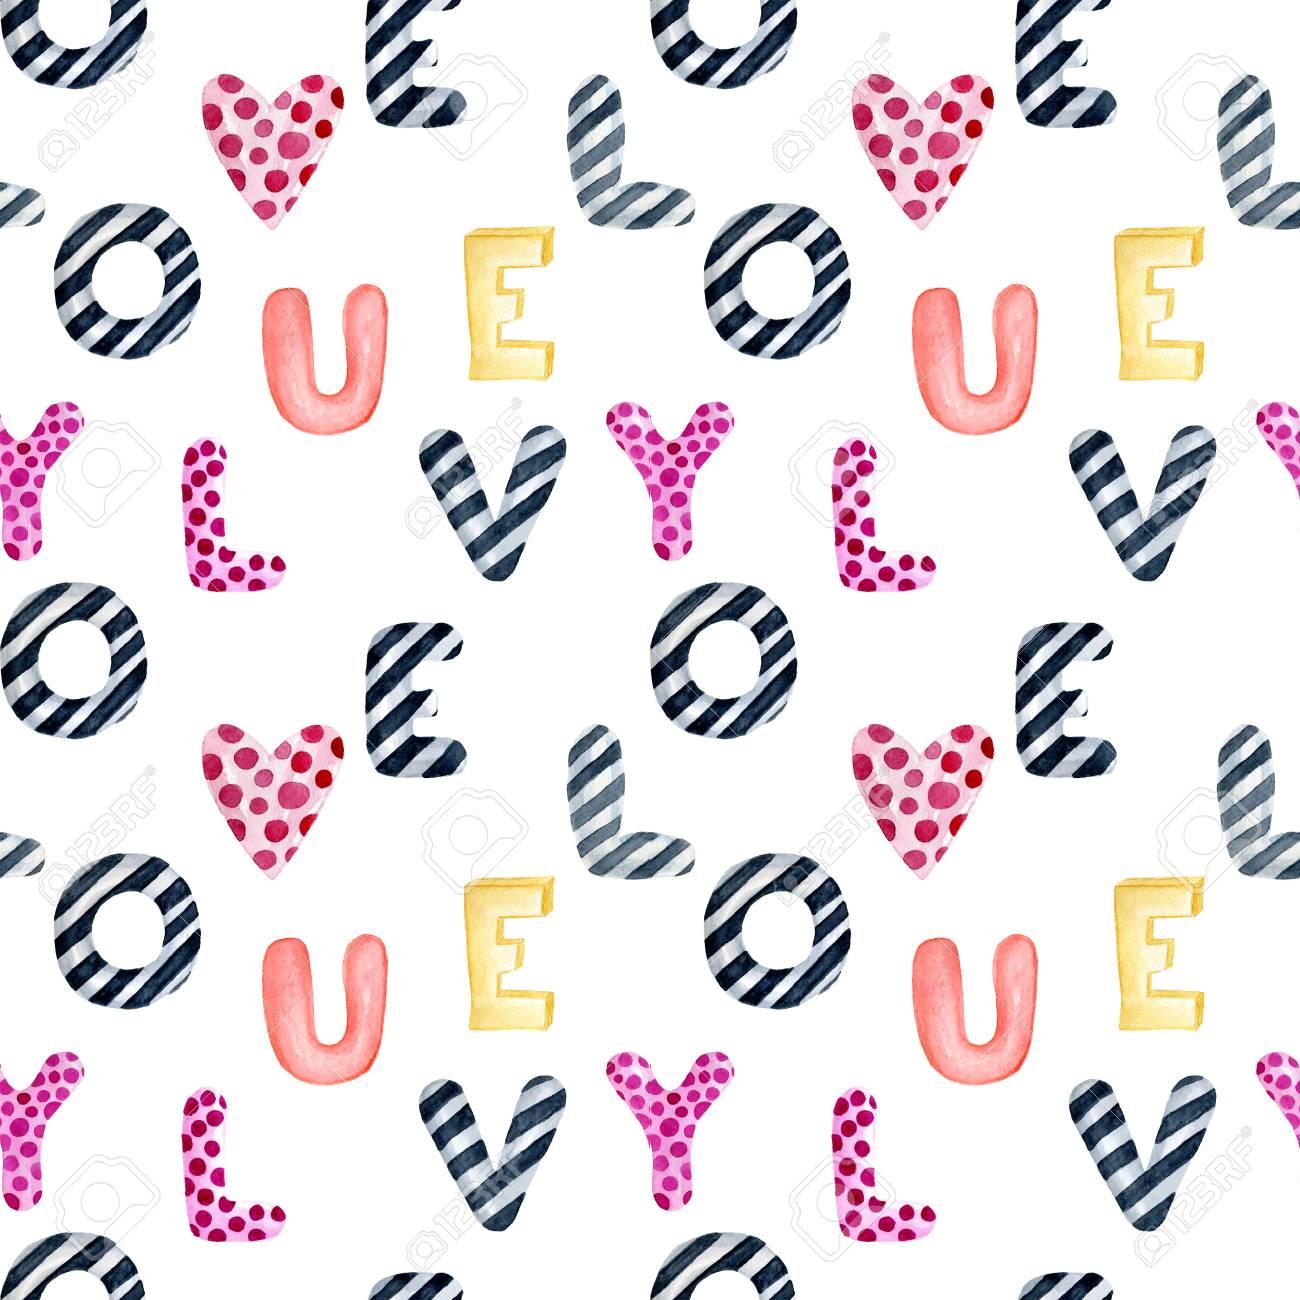 Valentinstag Grusskarte Vorlage Nahtlose Muster Plakat Packpapier